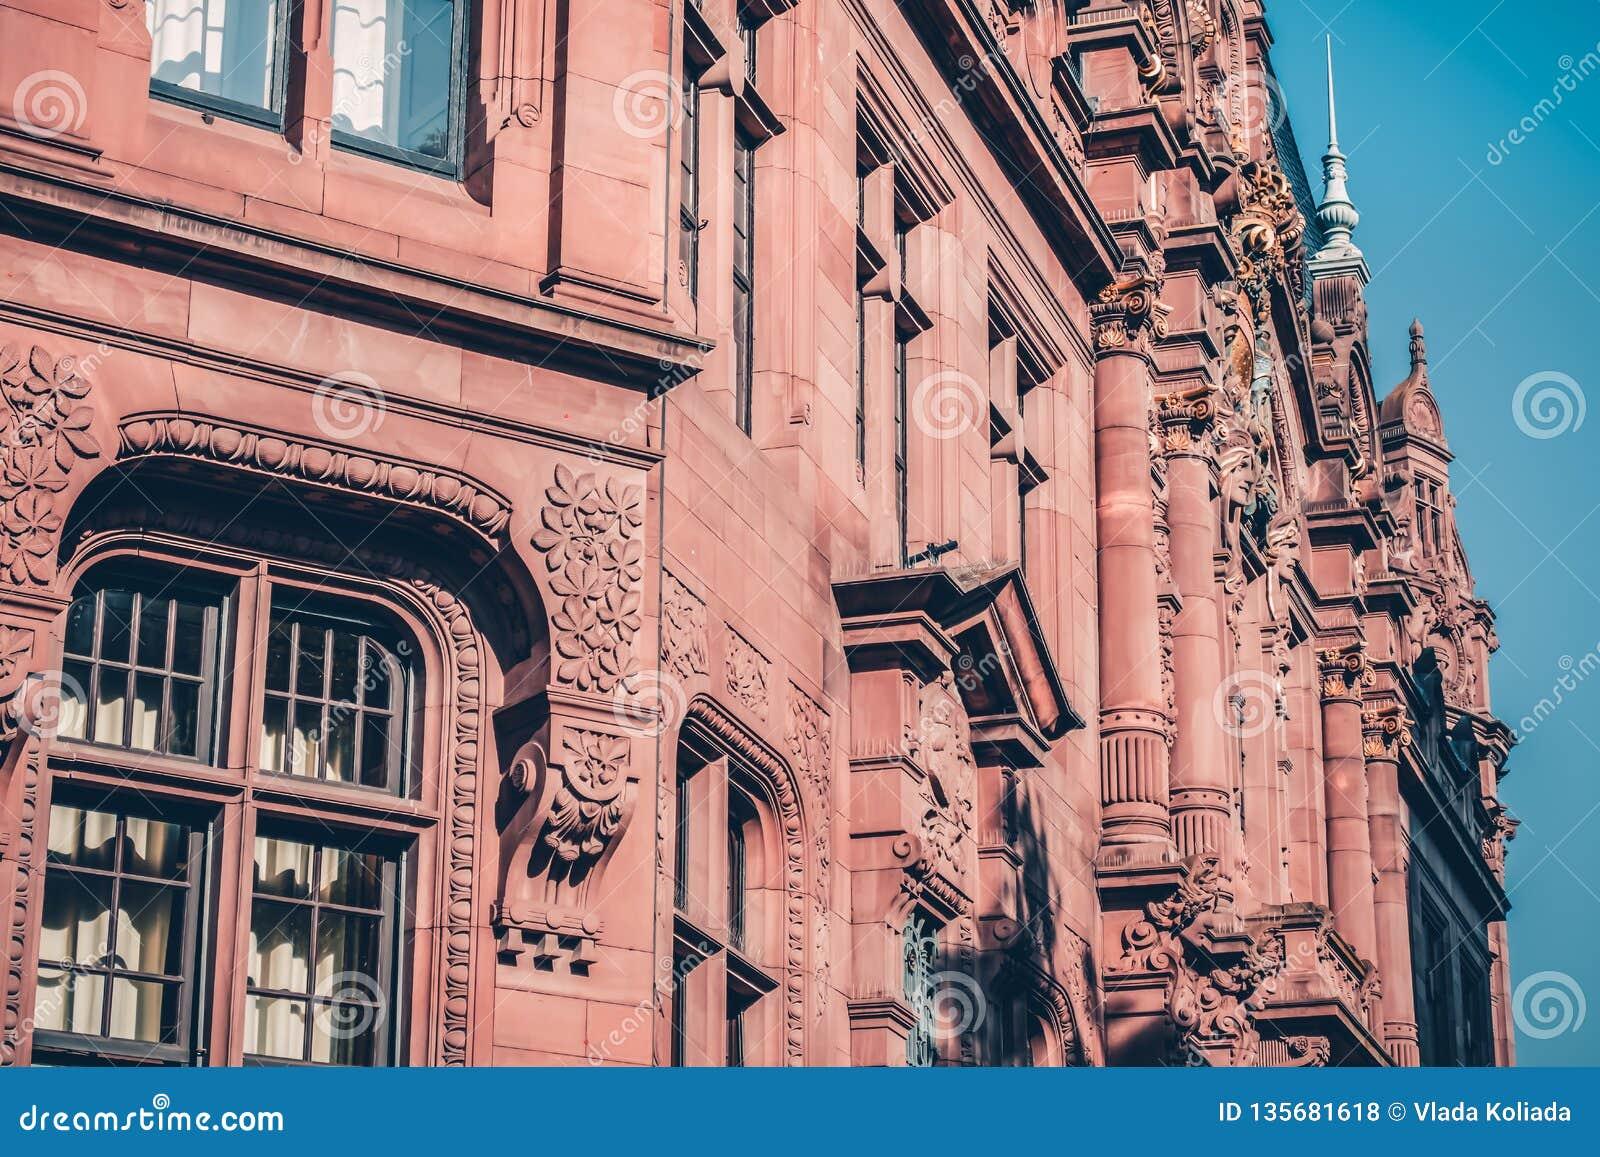 Stara biblioteka w kampusie w mieście Heidelberg w Niemcy Dziejowy widok